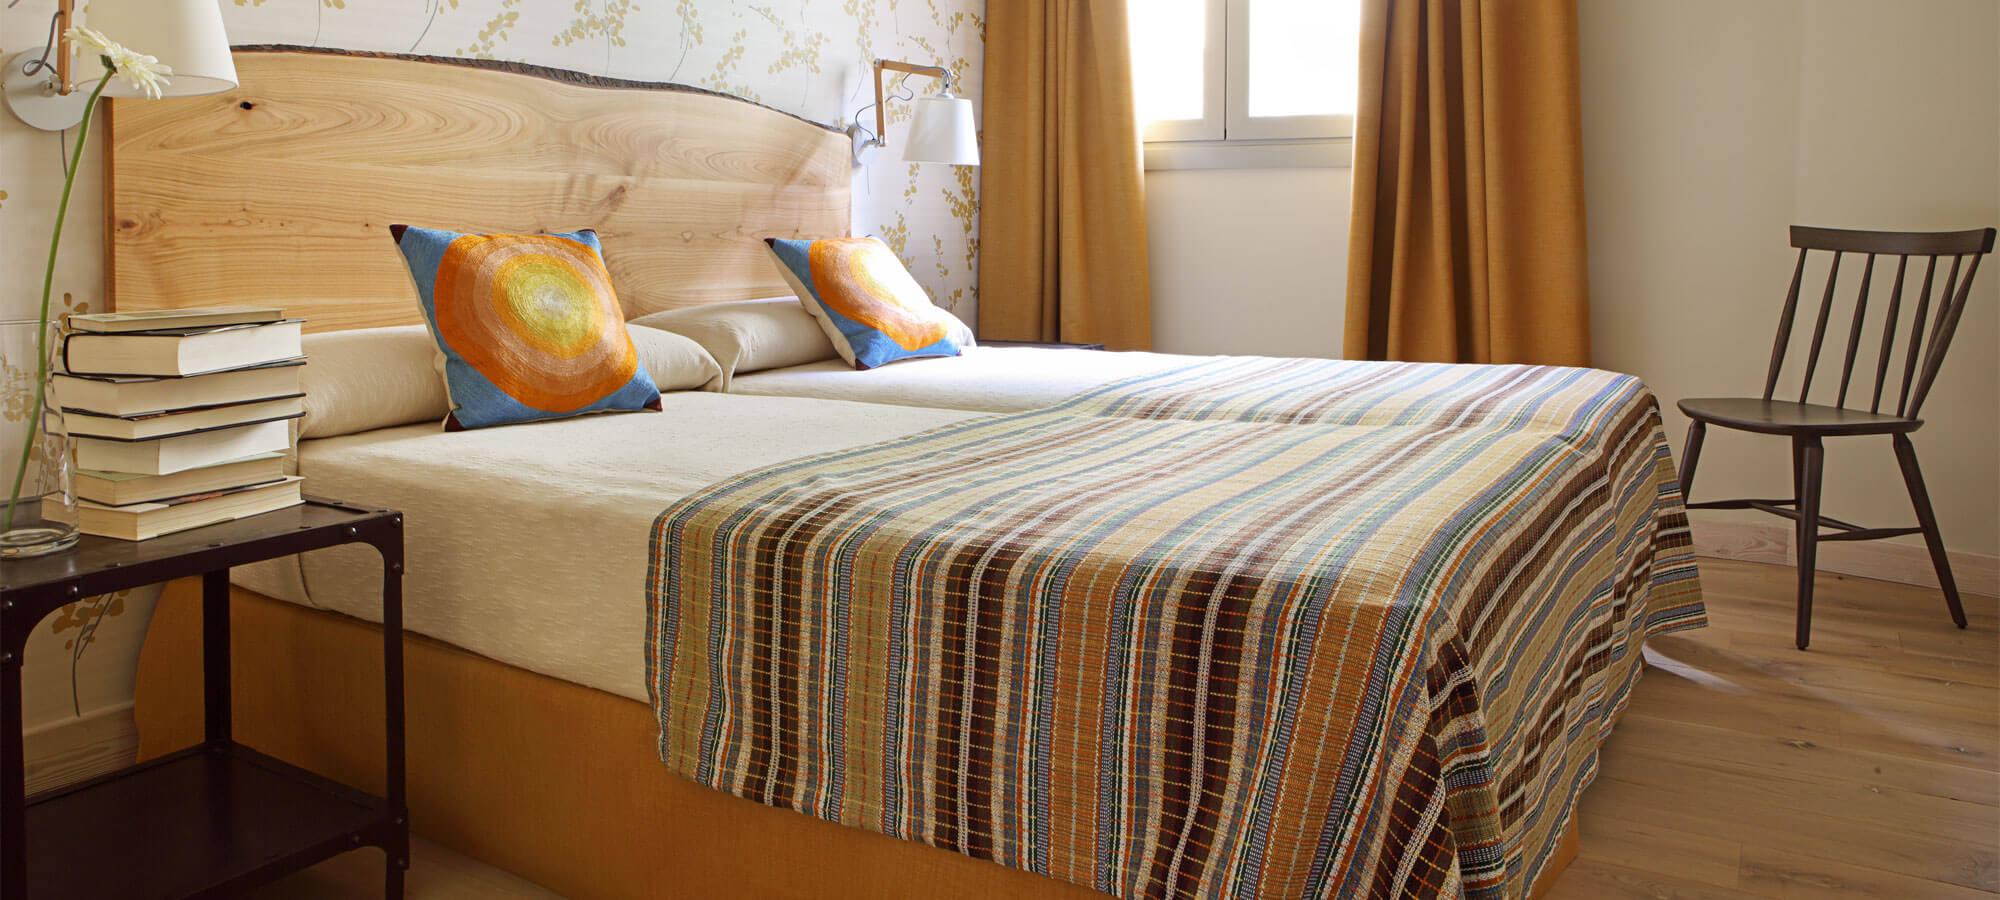 Apartamentos turísticos de lujo -Segovia